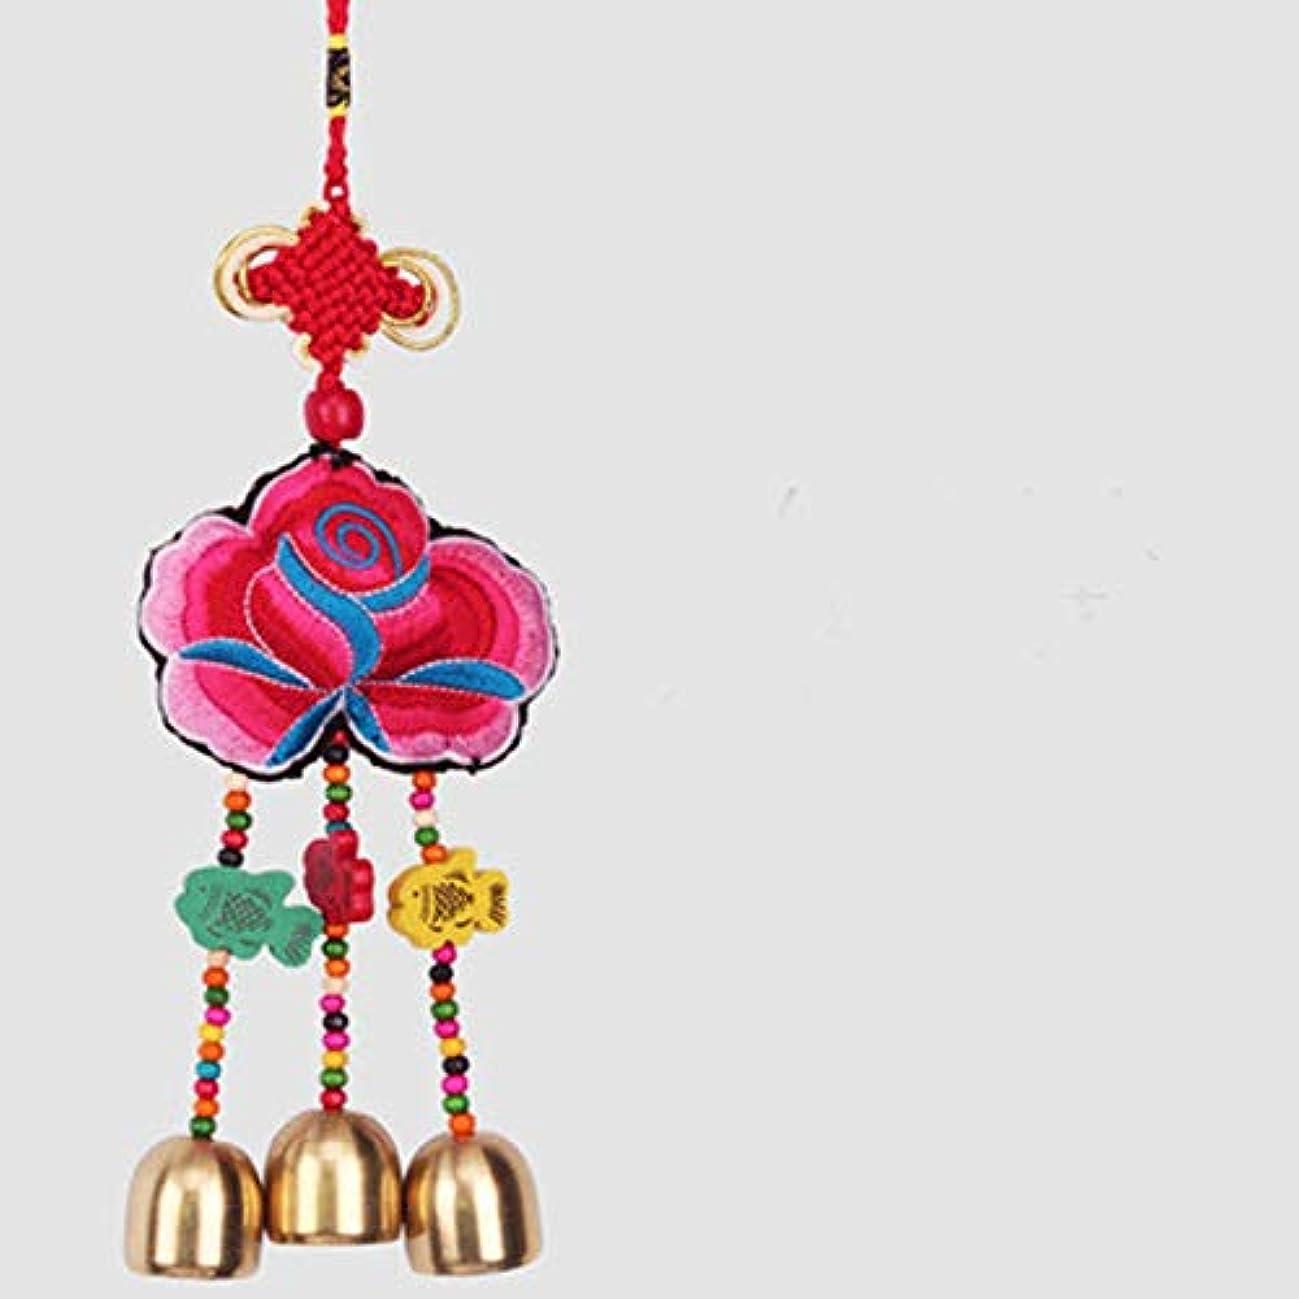 地理対人特異性Hongyuantongxun Small Wind Chimes、中華風刺繍工芸品、14スタイル、ワンピース,、装飾品ペンダント (Color : 2)